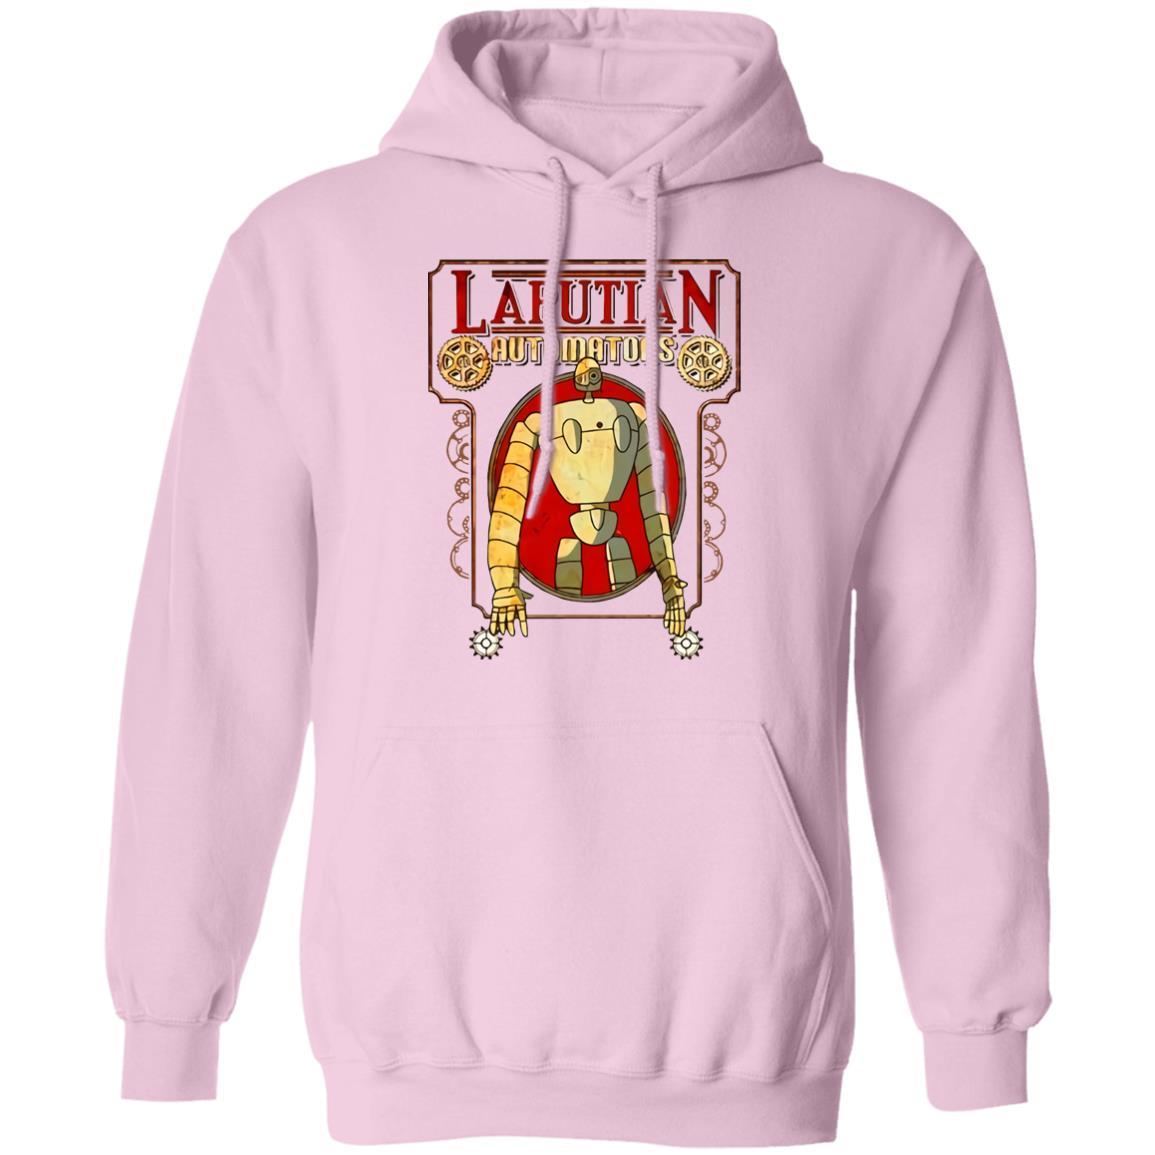 Laputa: Castle in the Sky Robot Hoodie